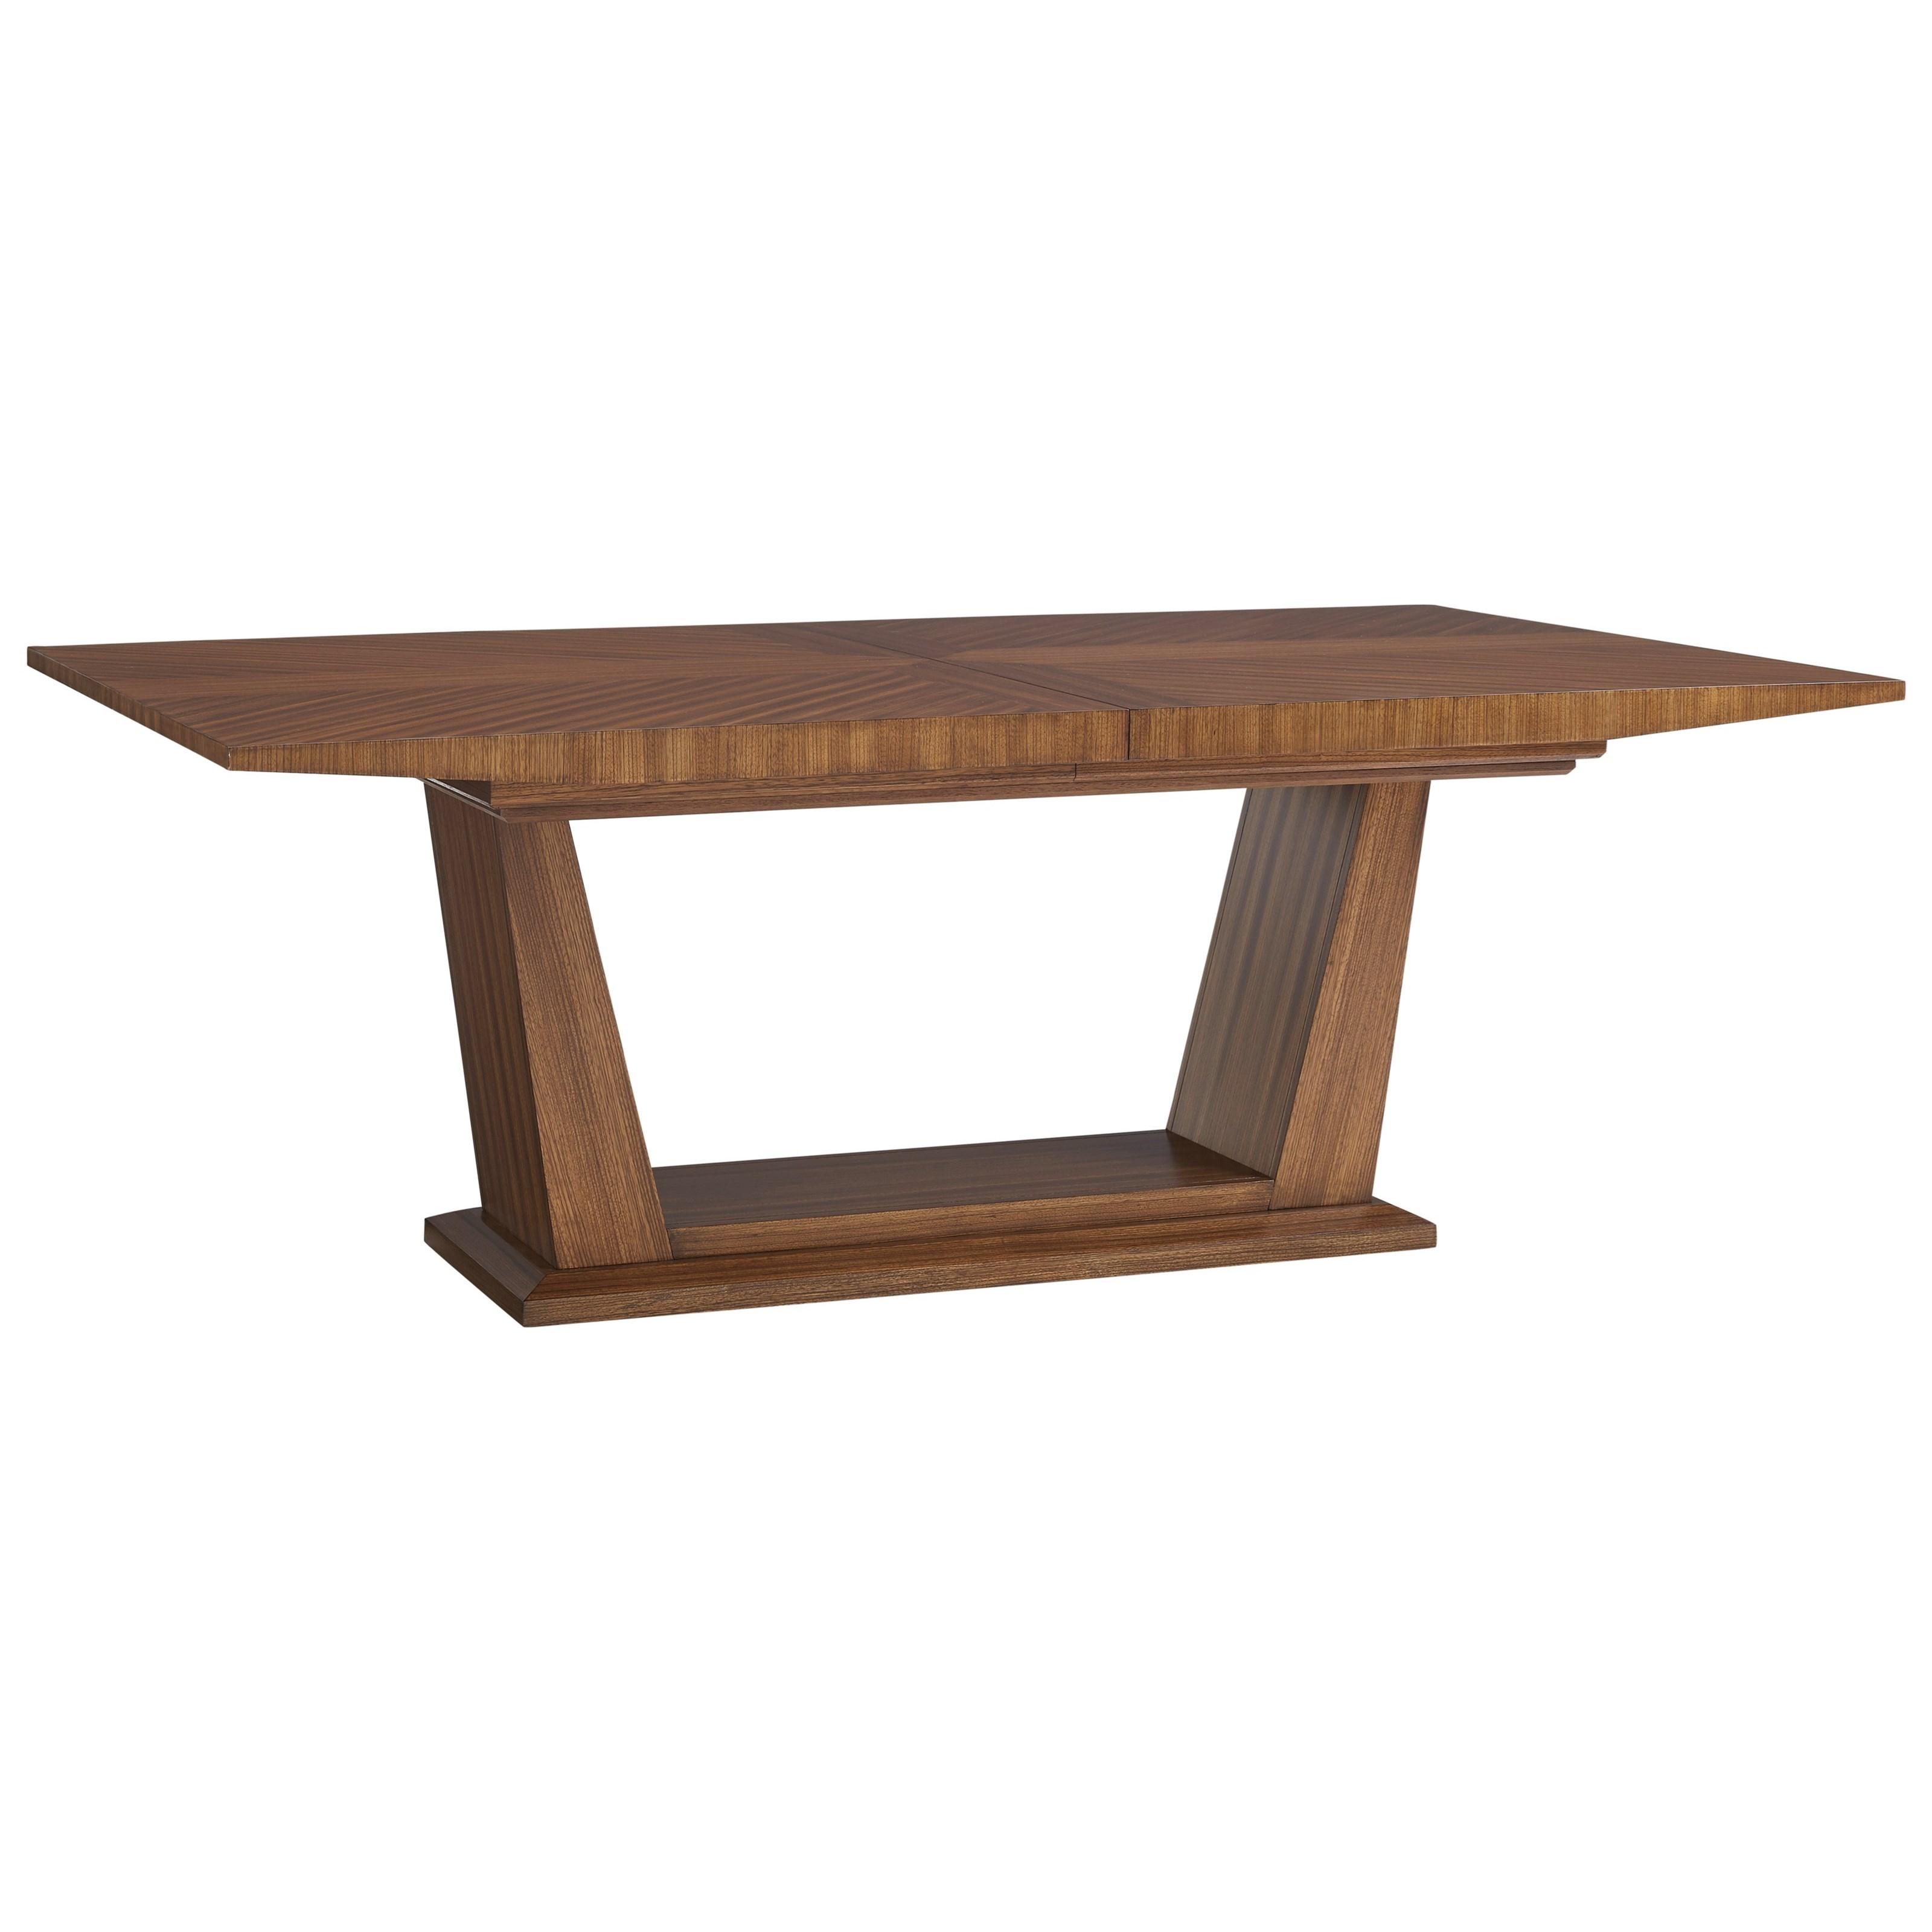 Lexington Kitano Caldera Rectangular Dining Table - Item Number: 734-877C